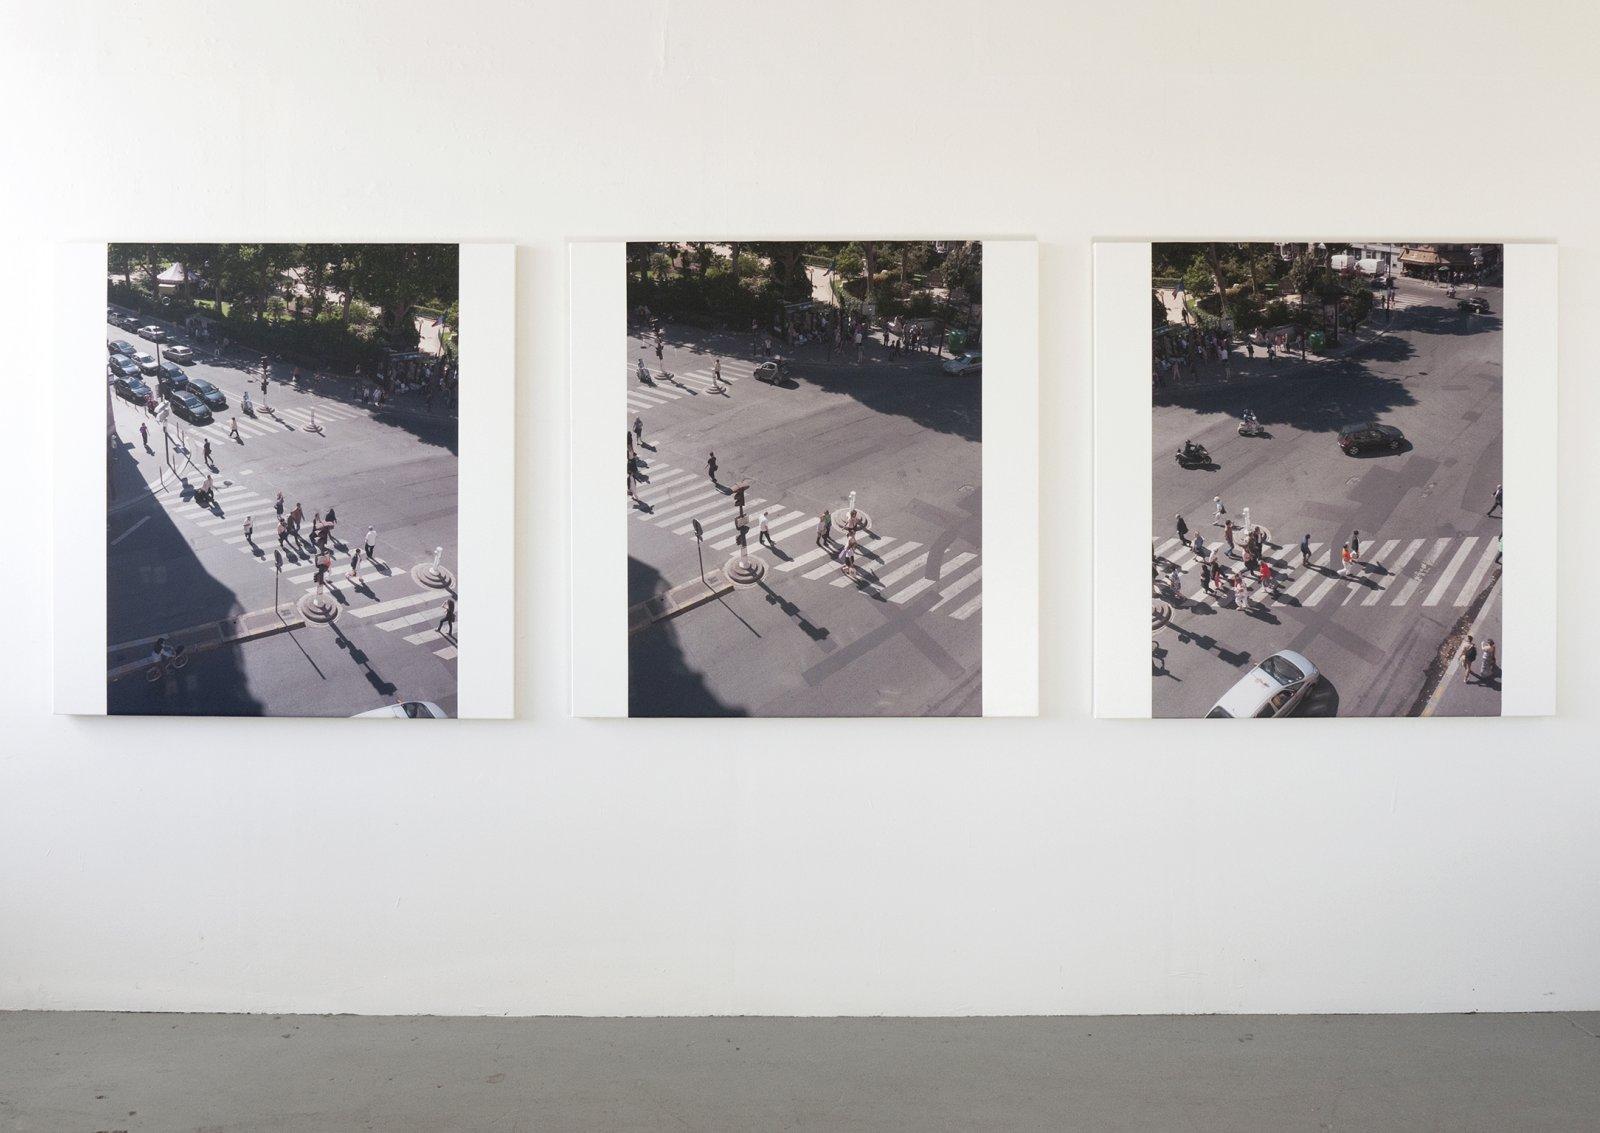 Ian Wallace,Boulevard Raspail I–III, 2012, photolaminate with acrylic on canvas, each 48 x 48 in. (122 x 122 cm)